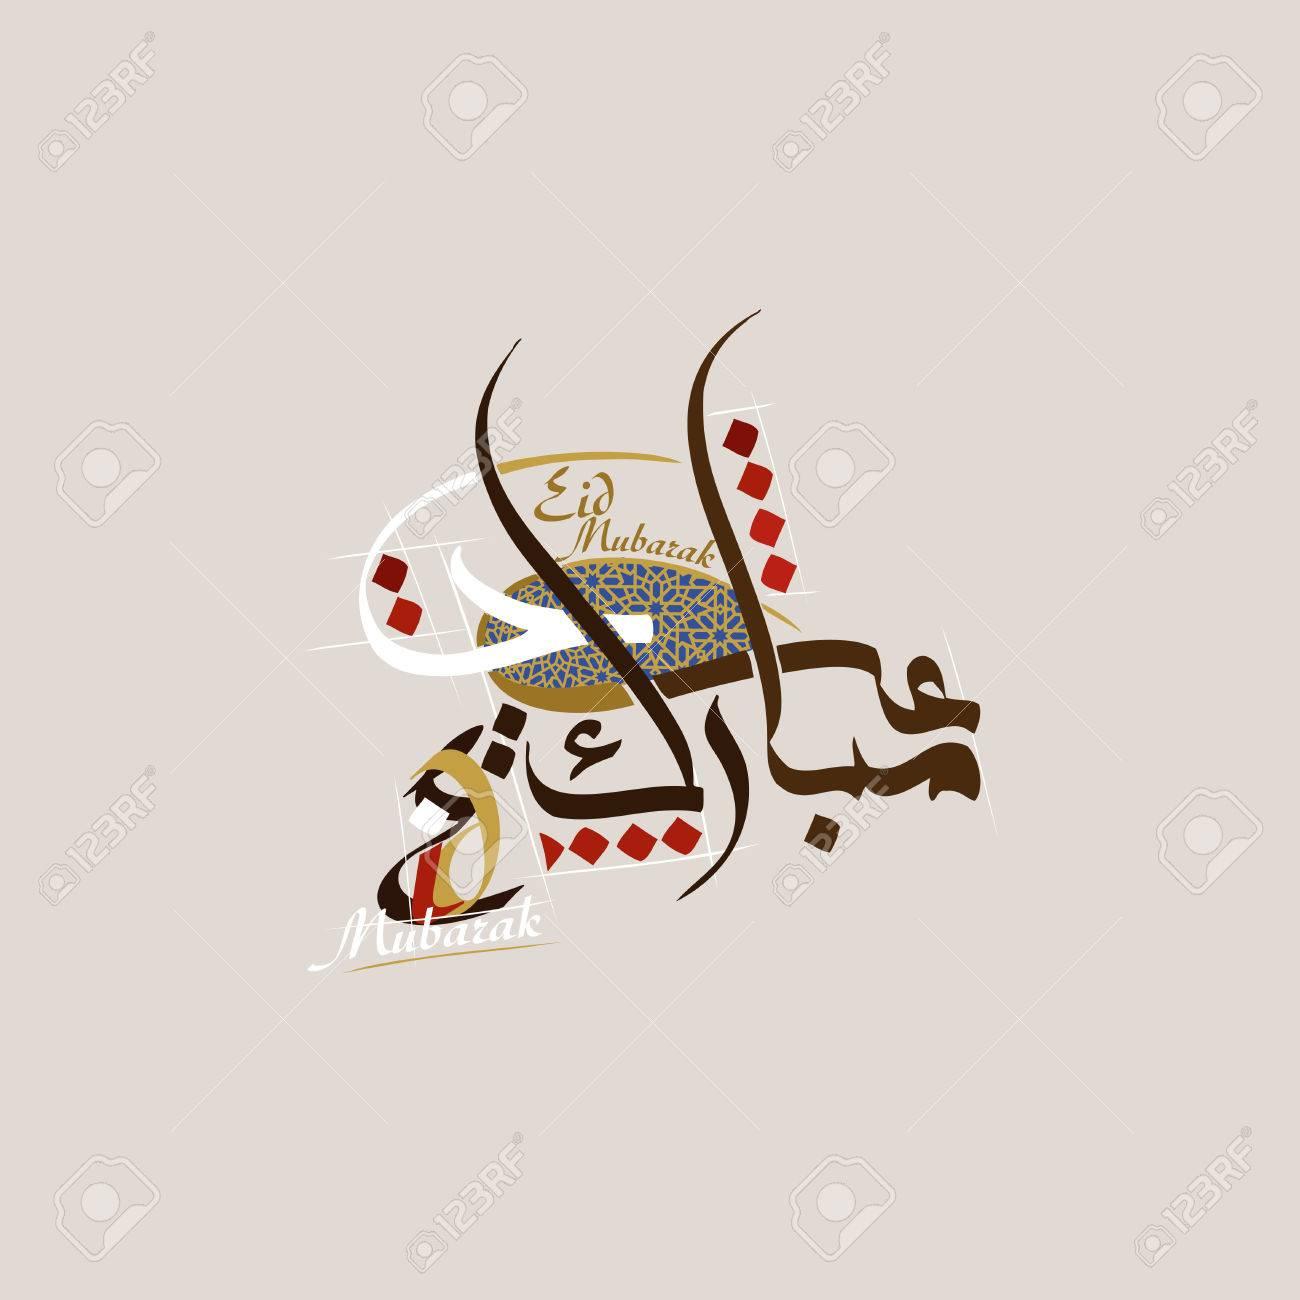 Great Hijri Eid Al-Fitr Greeting - 65676335--eid-mubarak-greeting-card-islamic-background-for-muslims-holidays-such-as-eid-al-fitr-eid-al-adha-a  2018_28841 .jpg